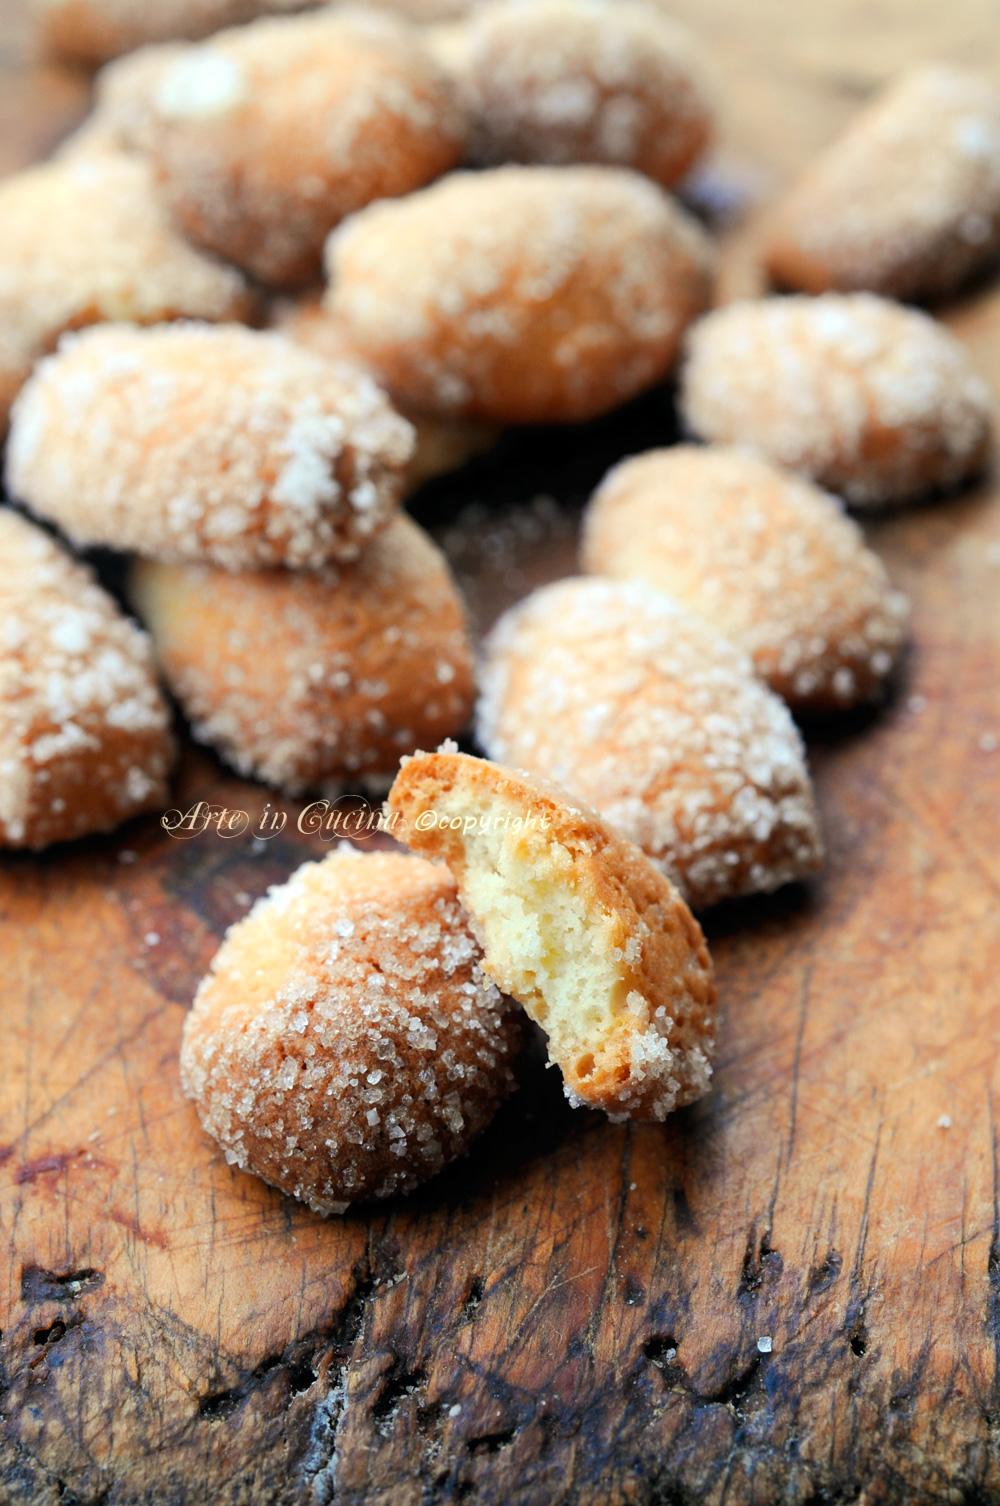 Favorito Biscottini all'arancia con bimby o senza veloci | Arte in Cucina HJ17